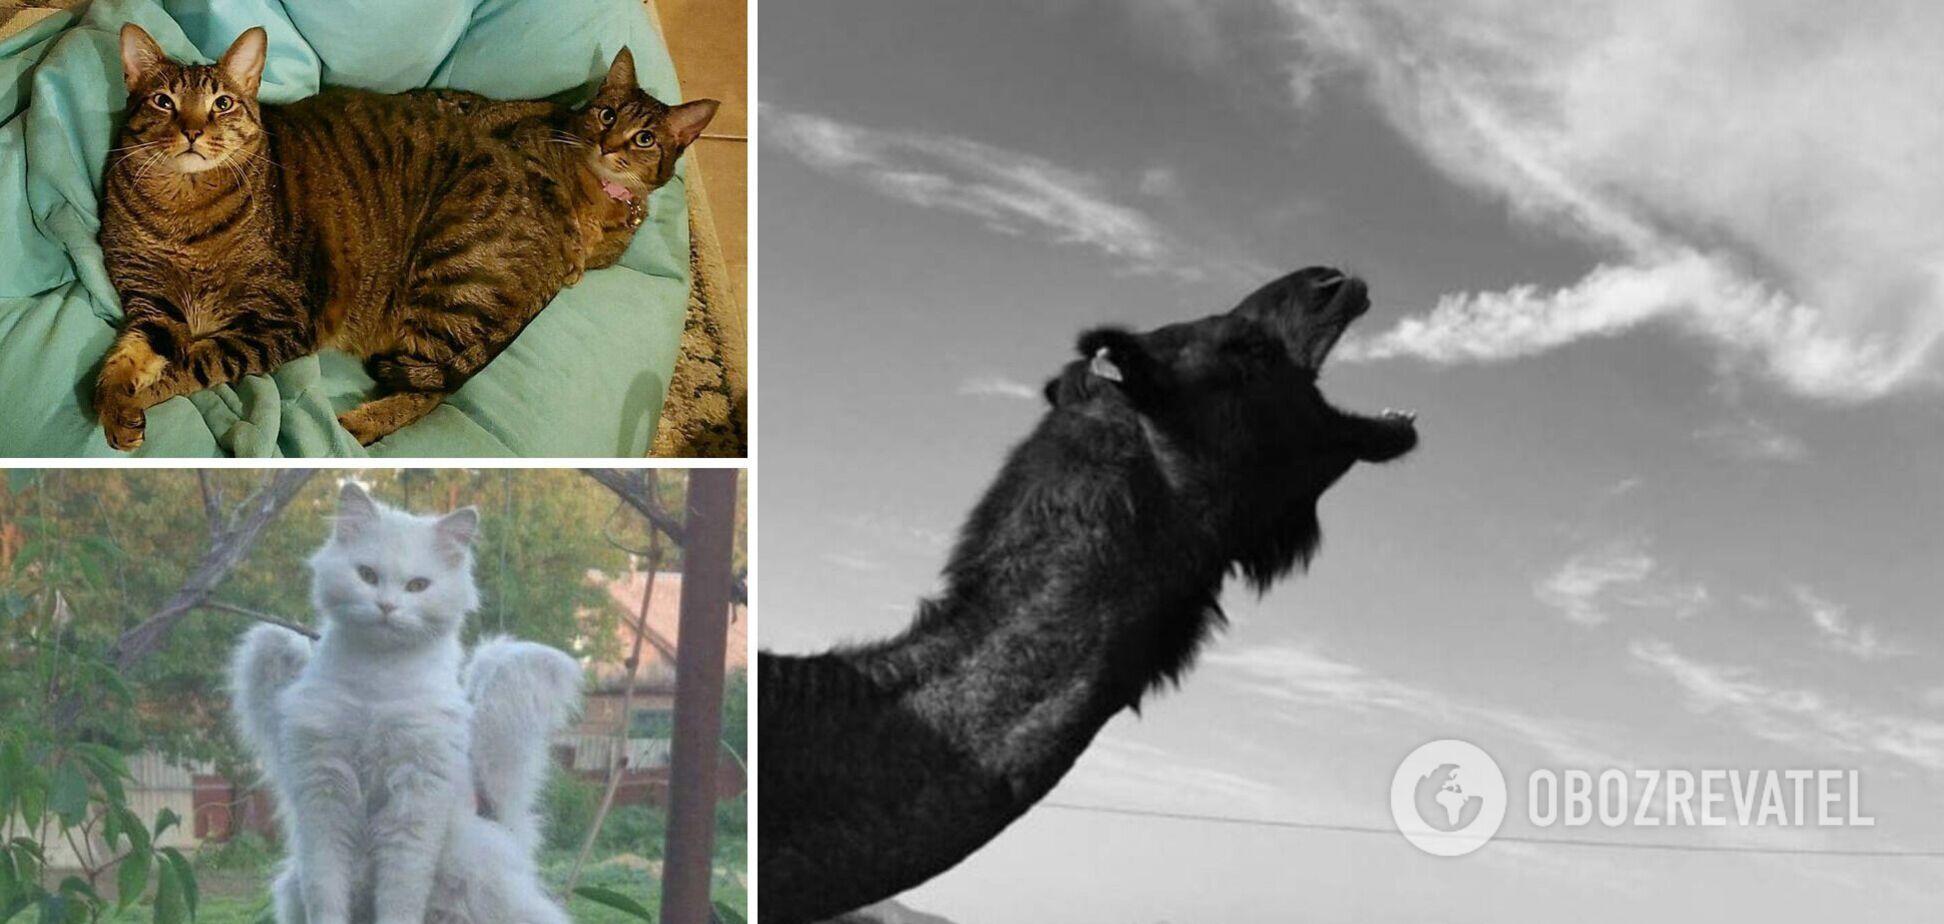 Животные часто попадают в объектив фотографов в забавной позе